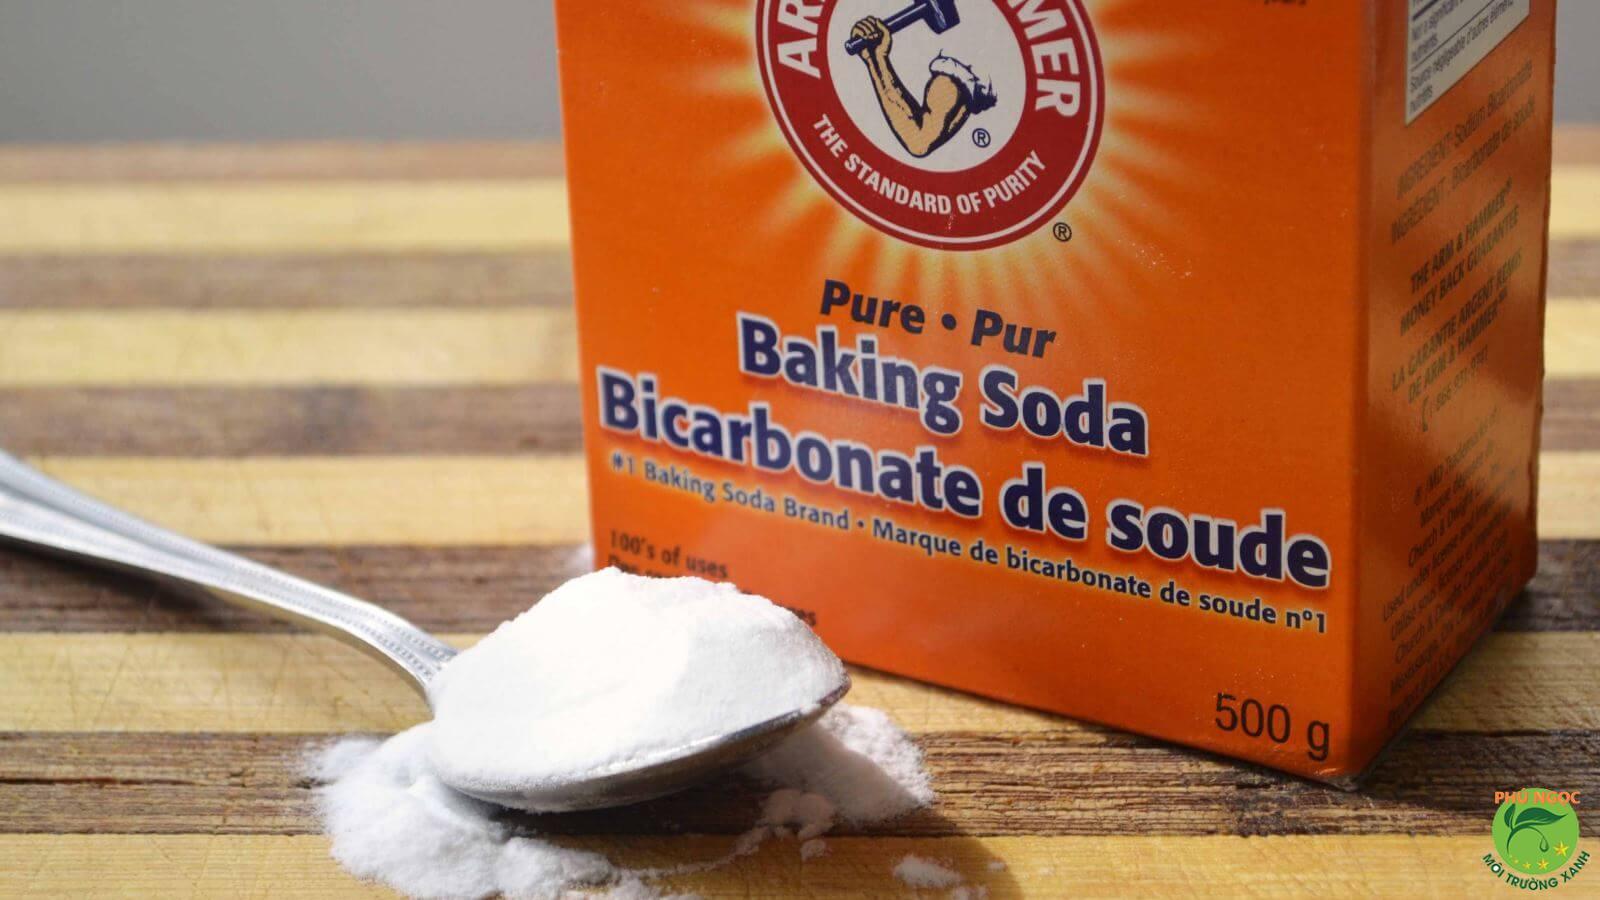 Sản phẩm baking soda trên thị trường hiện nay